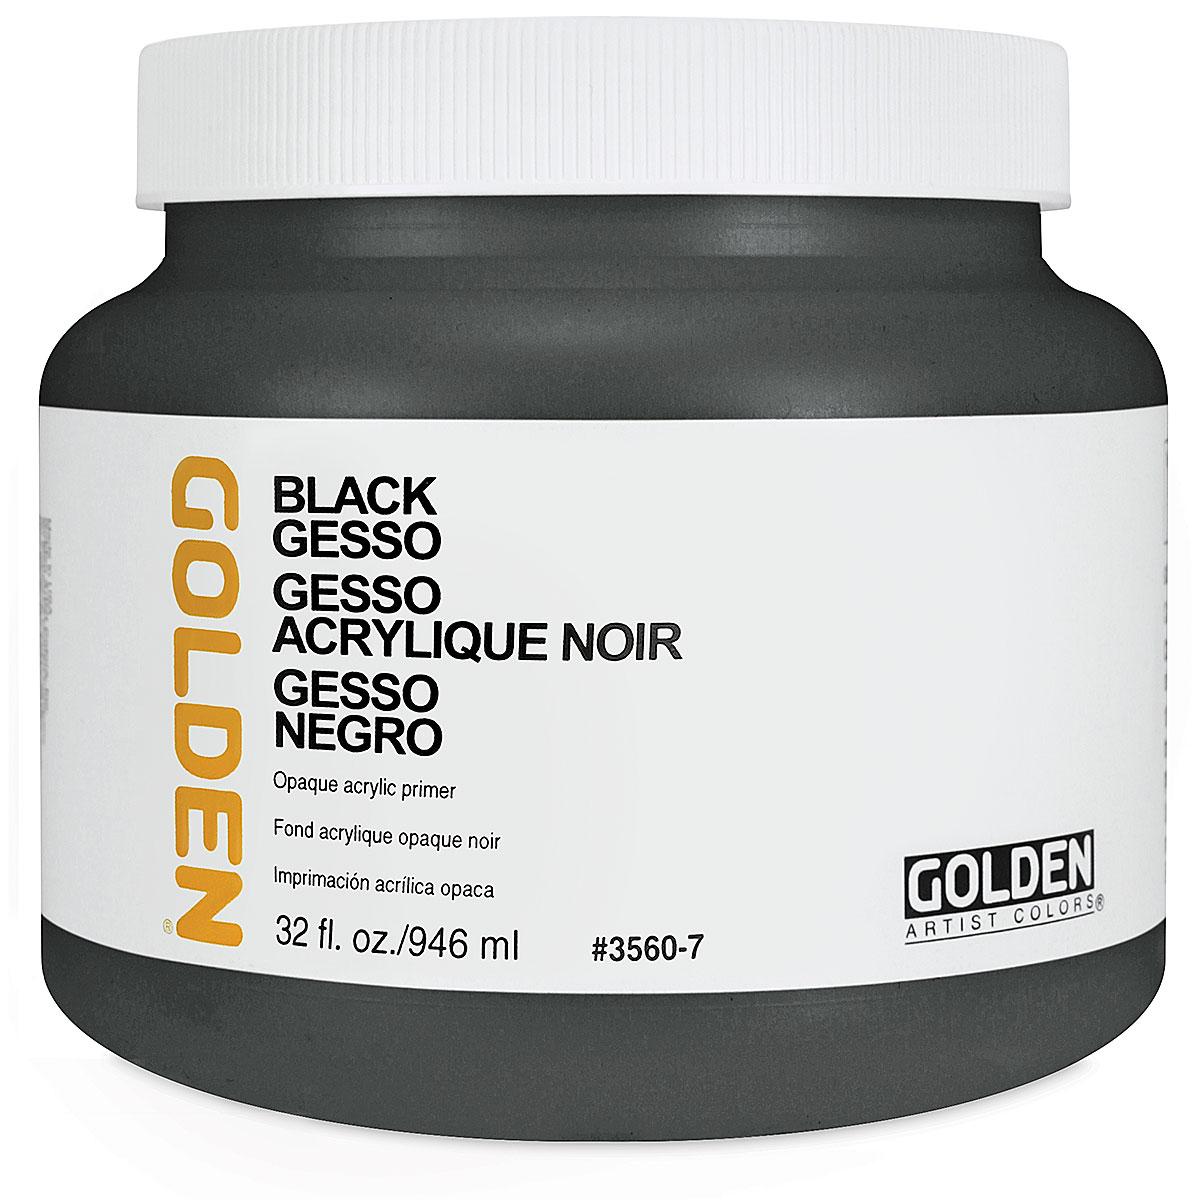 Golden Gesso - Black, 32 oz jar